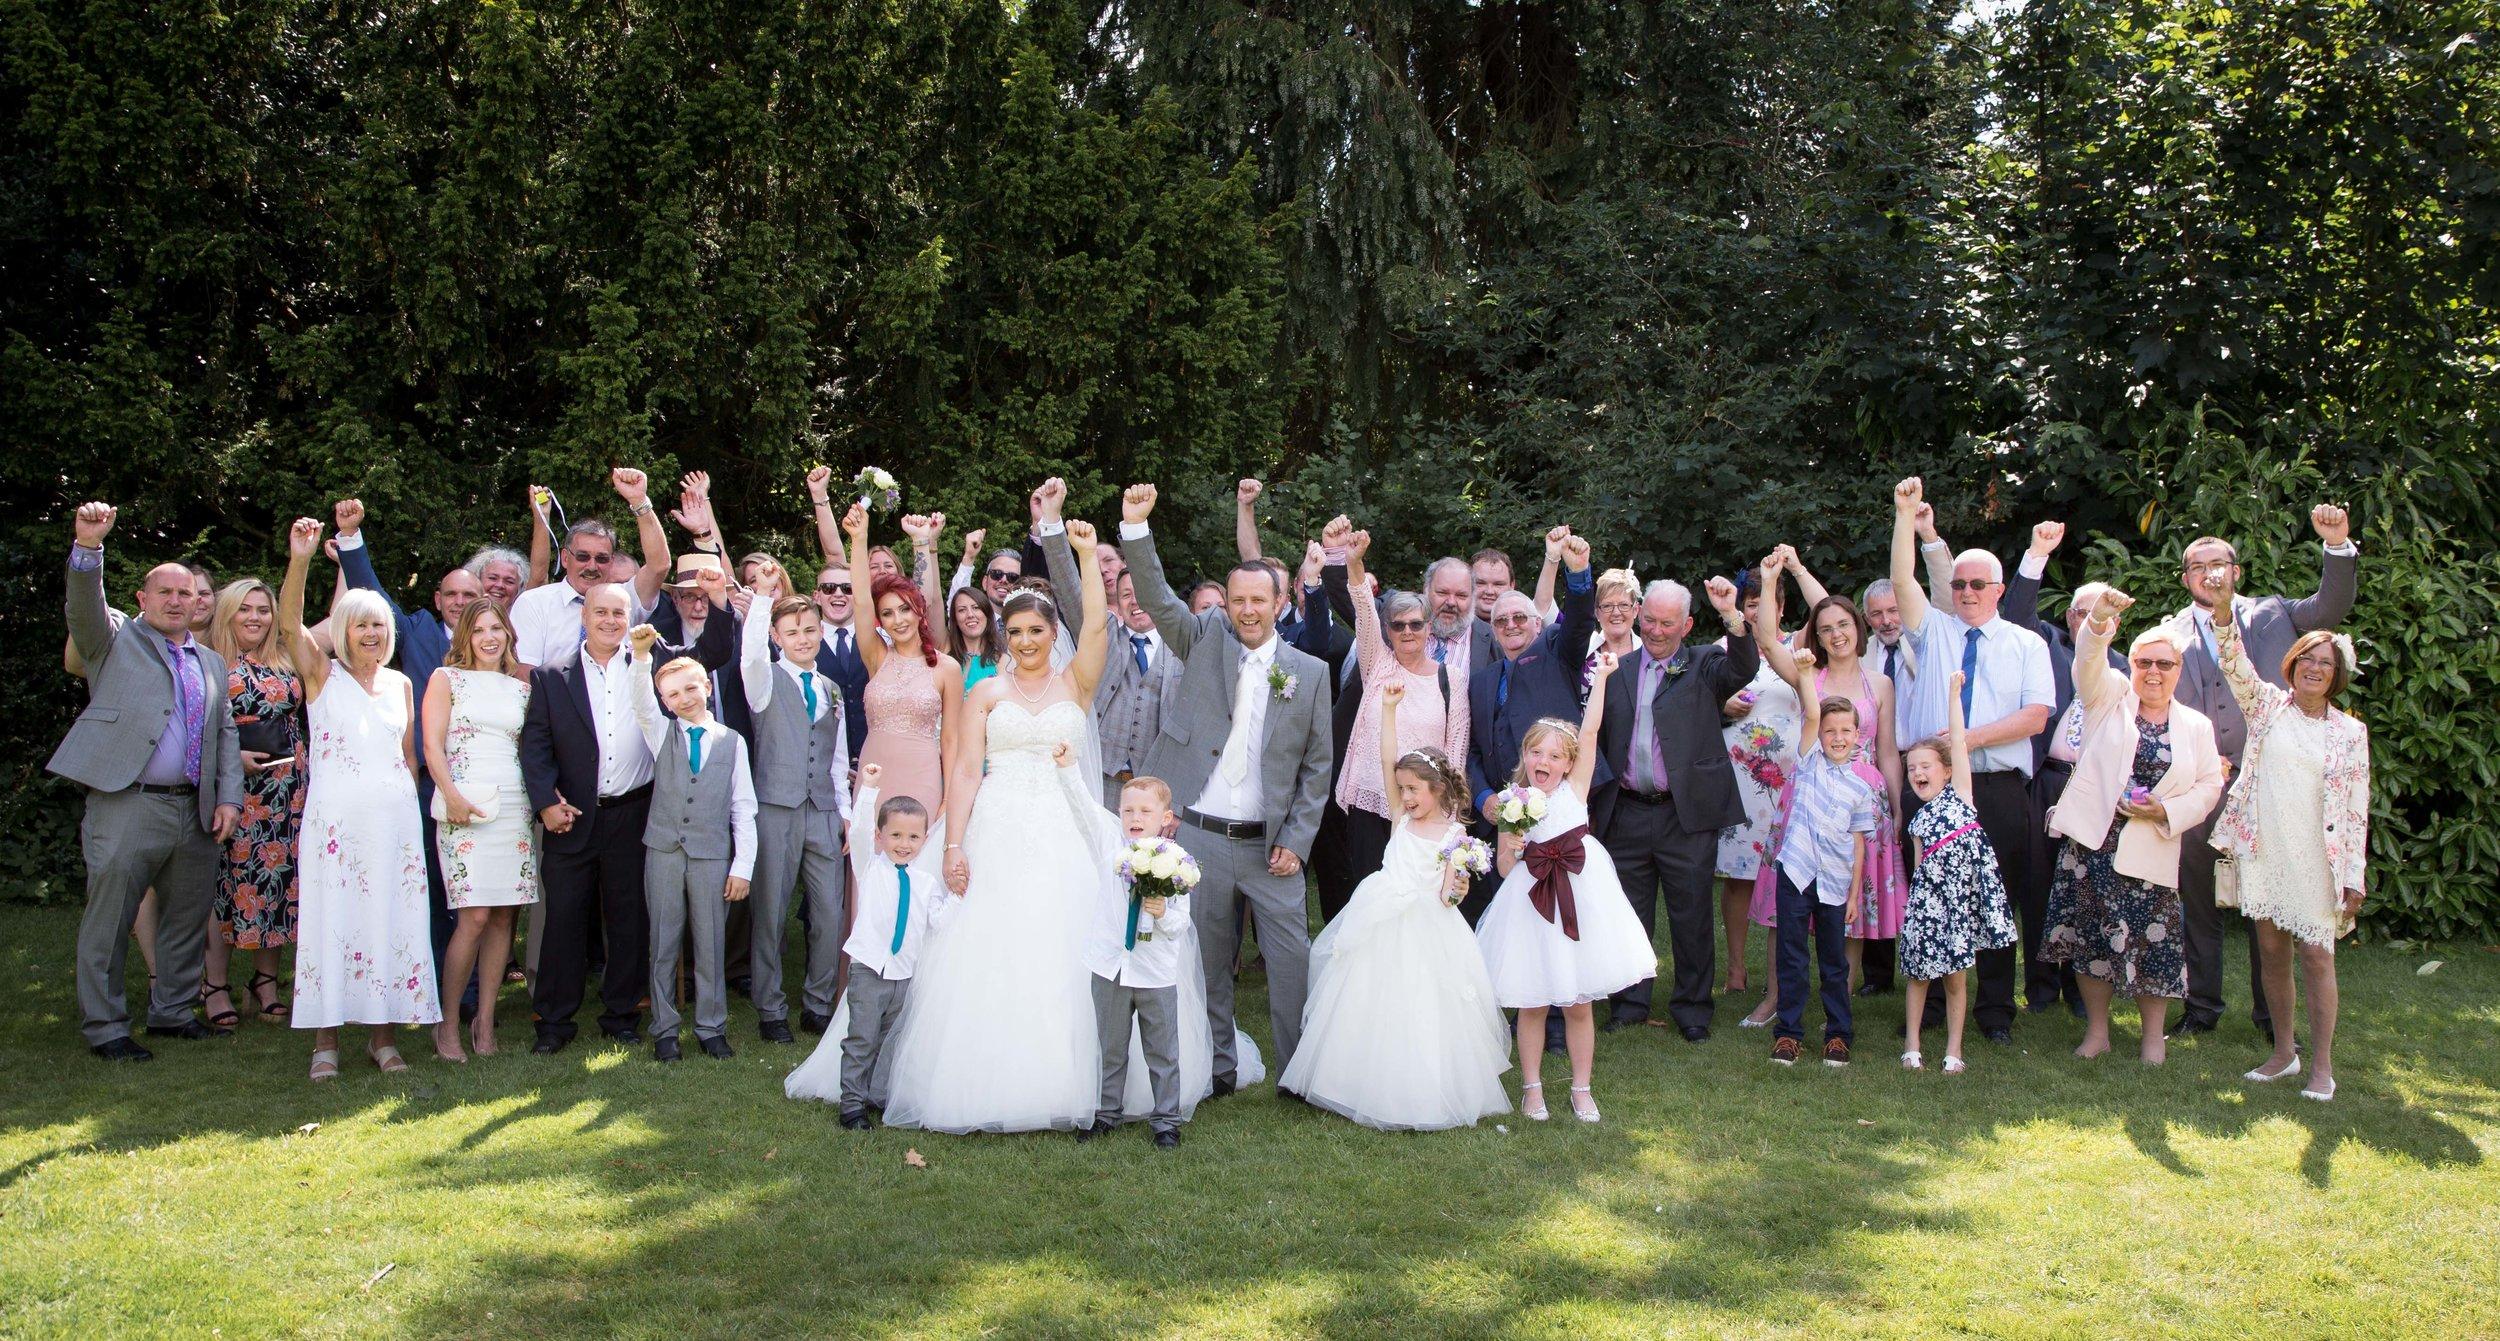 HamptonCourt-Wedding-Weybridge-Surrey-London-OatlandsParkHotel-34